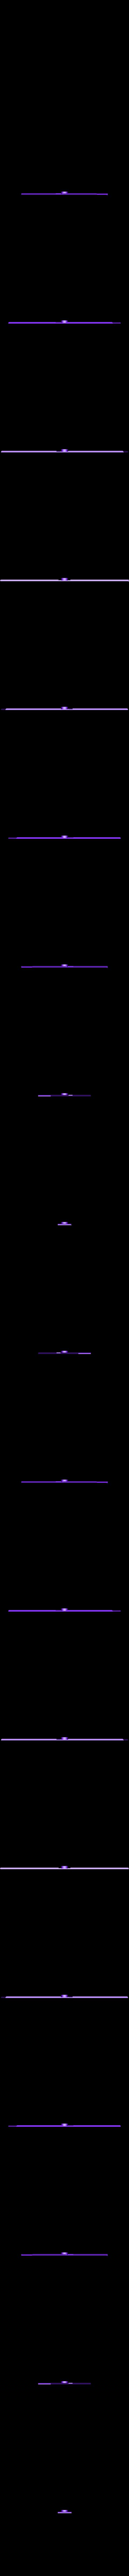 hand2.stl Télécharger fichier STL gratuit wanhao D7 boîtier, couvercle, couvercle, couvercle • Plan à imprimer en 3D, mariospeed